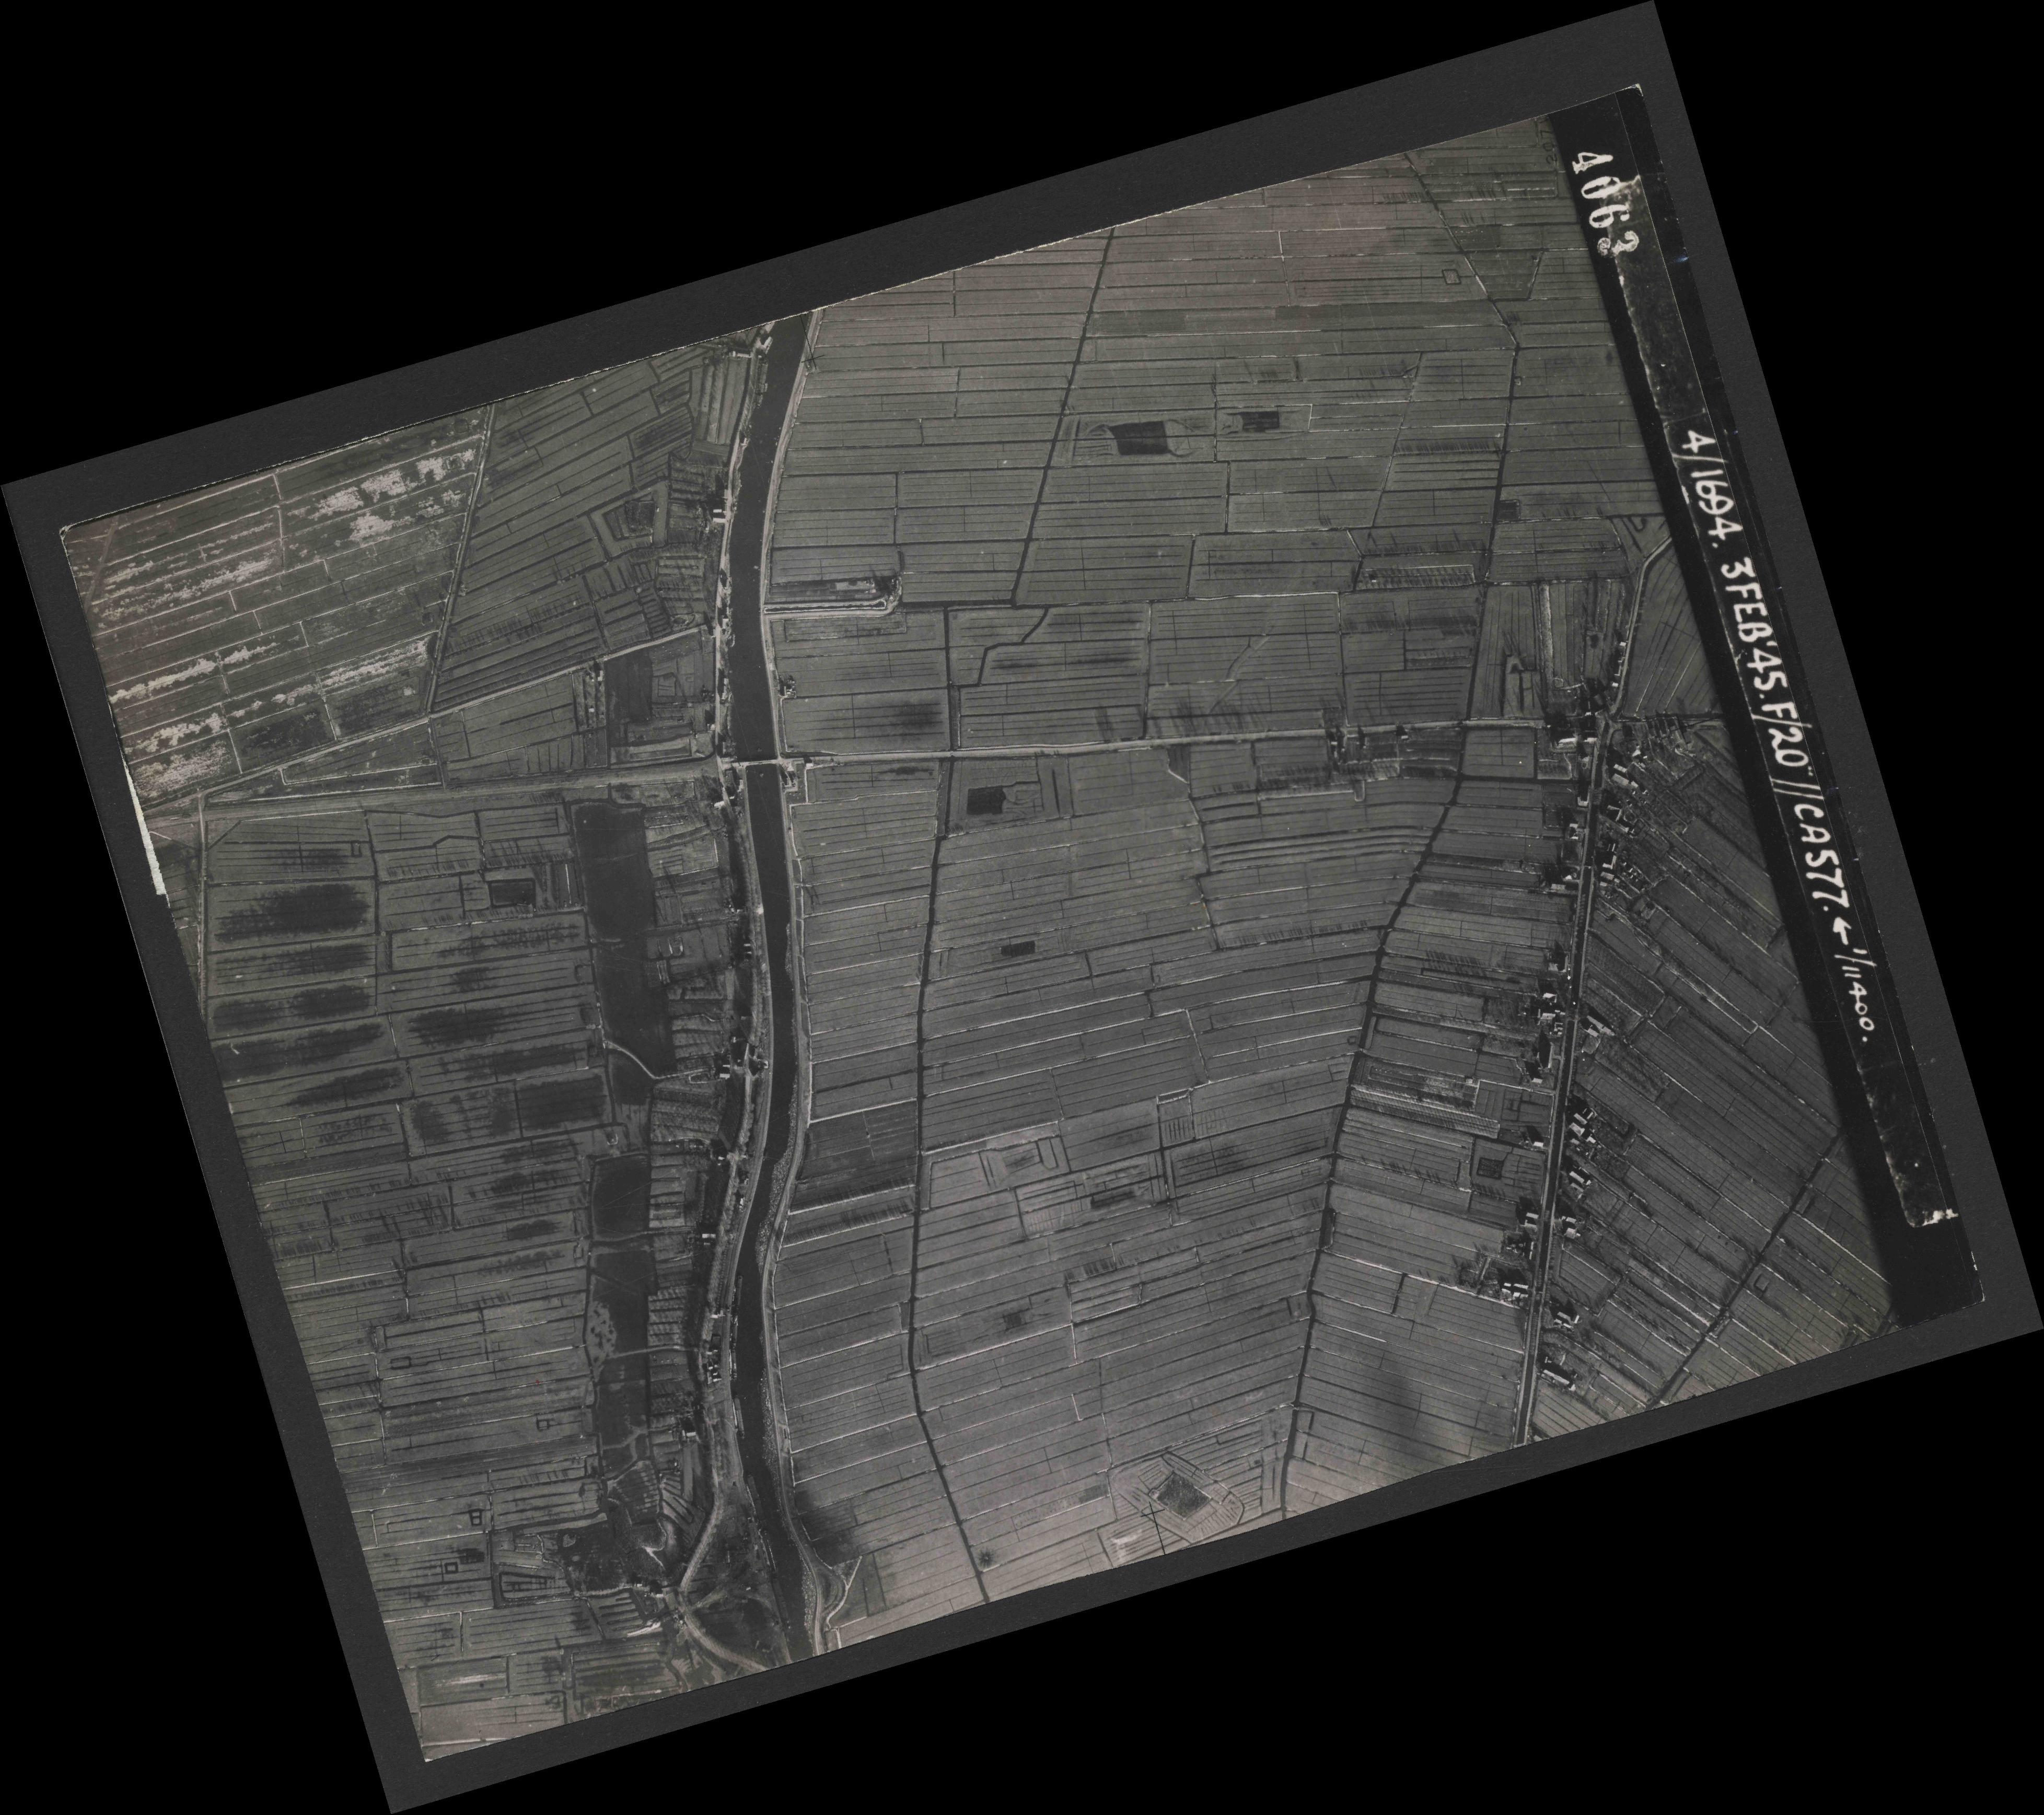 Collection RAF aerial photos 1940-1945 - flight 292, run 04, photo 4063